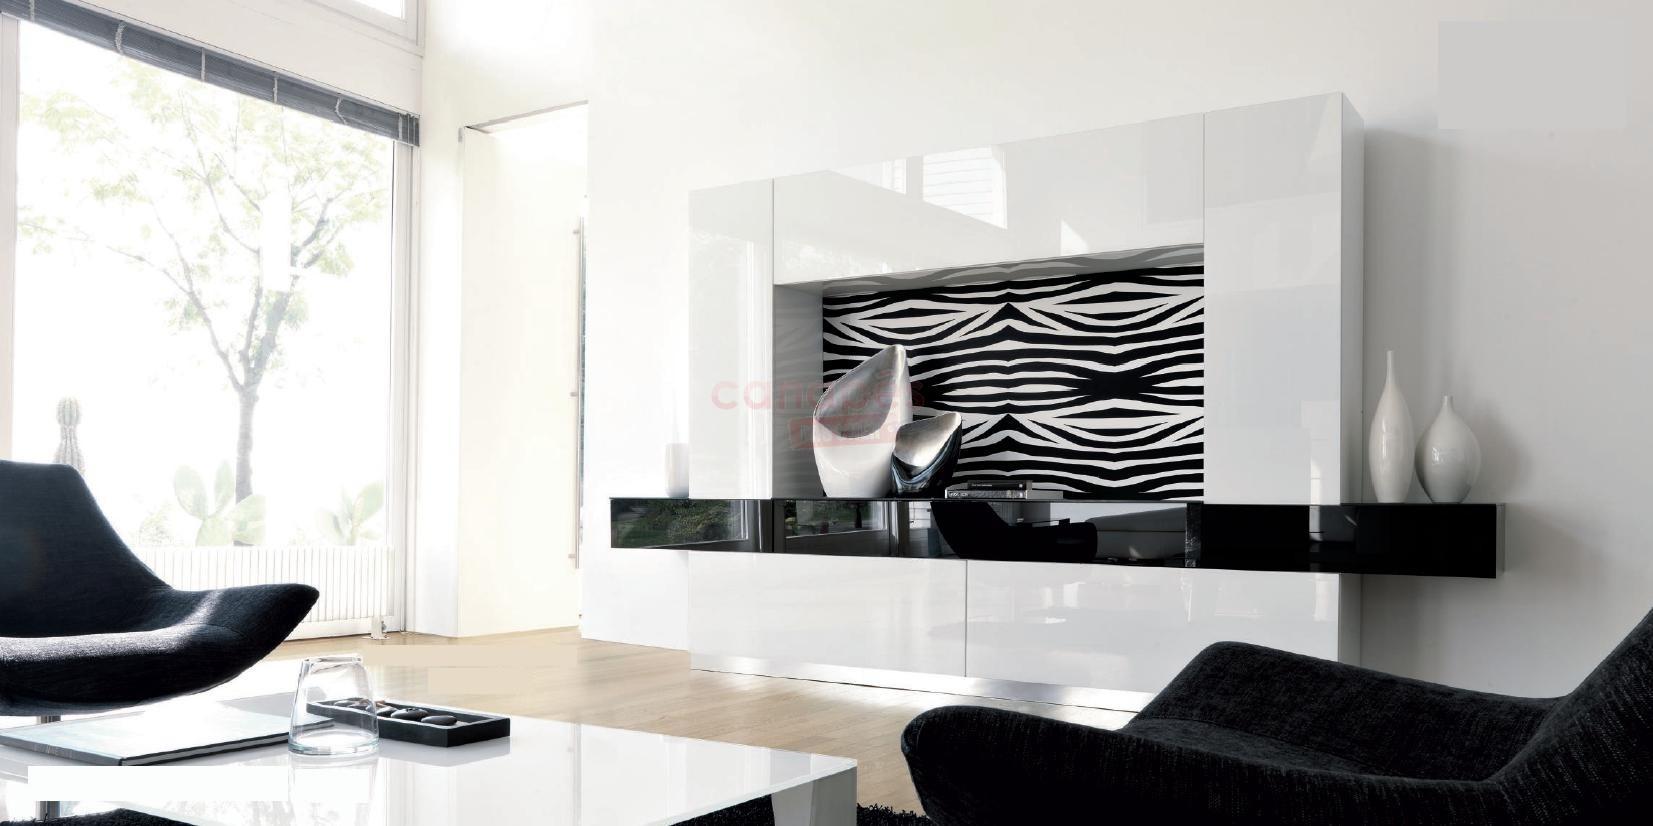 meuble design pas cher belgique le monde de l a. Black Bedroom Furniture Sets. Home Design Ideas